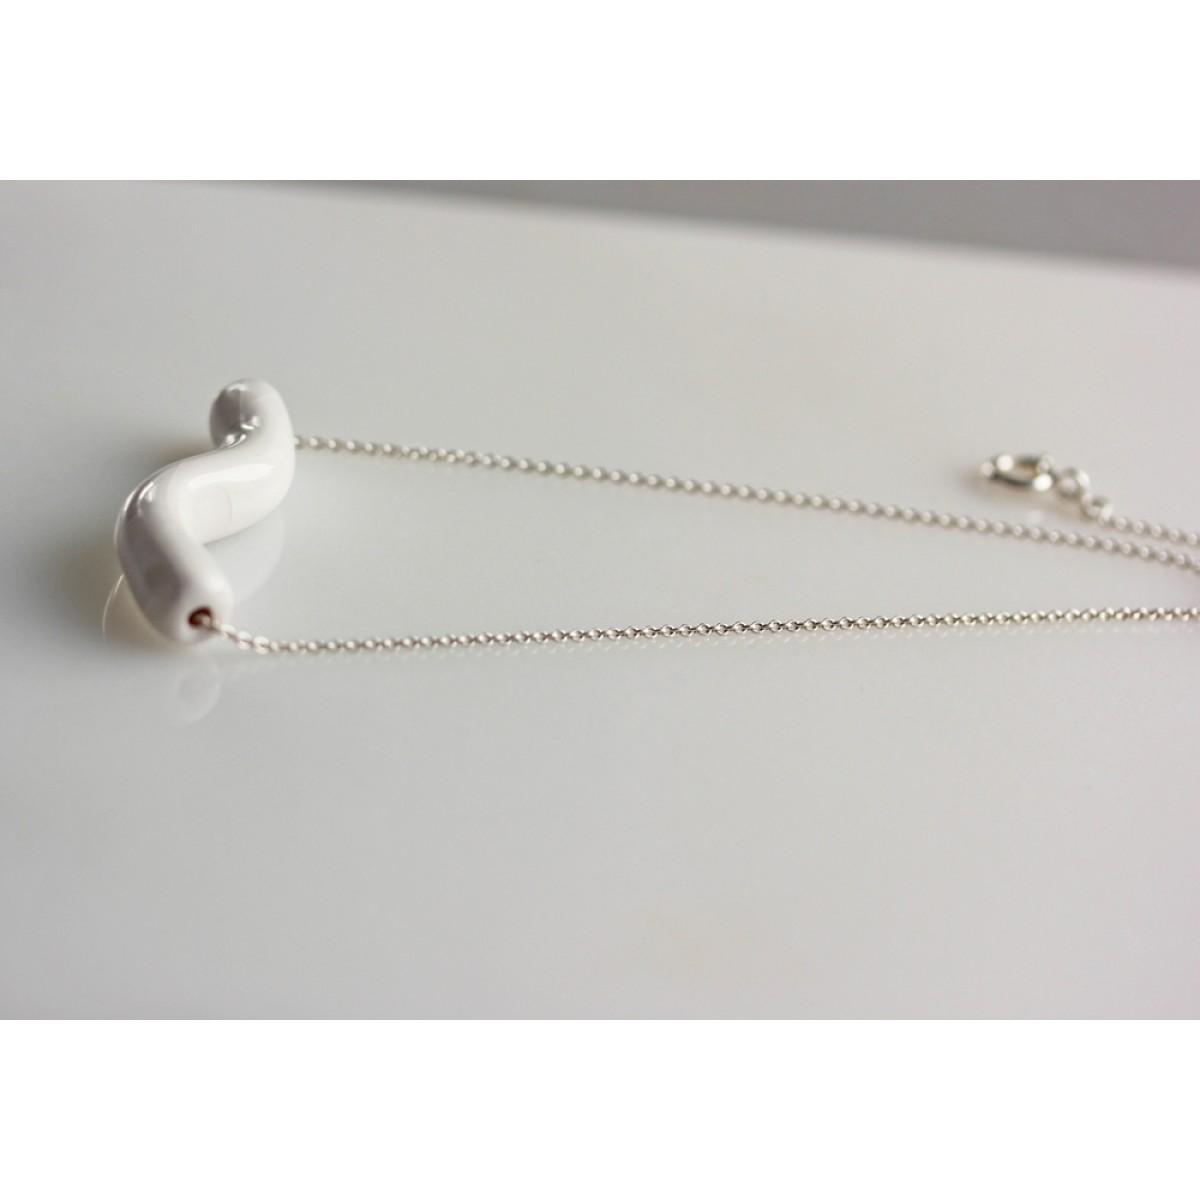 Skelini - Handgemachte Porzellan Kette weiß Welle